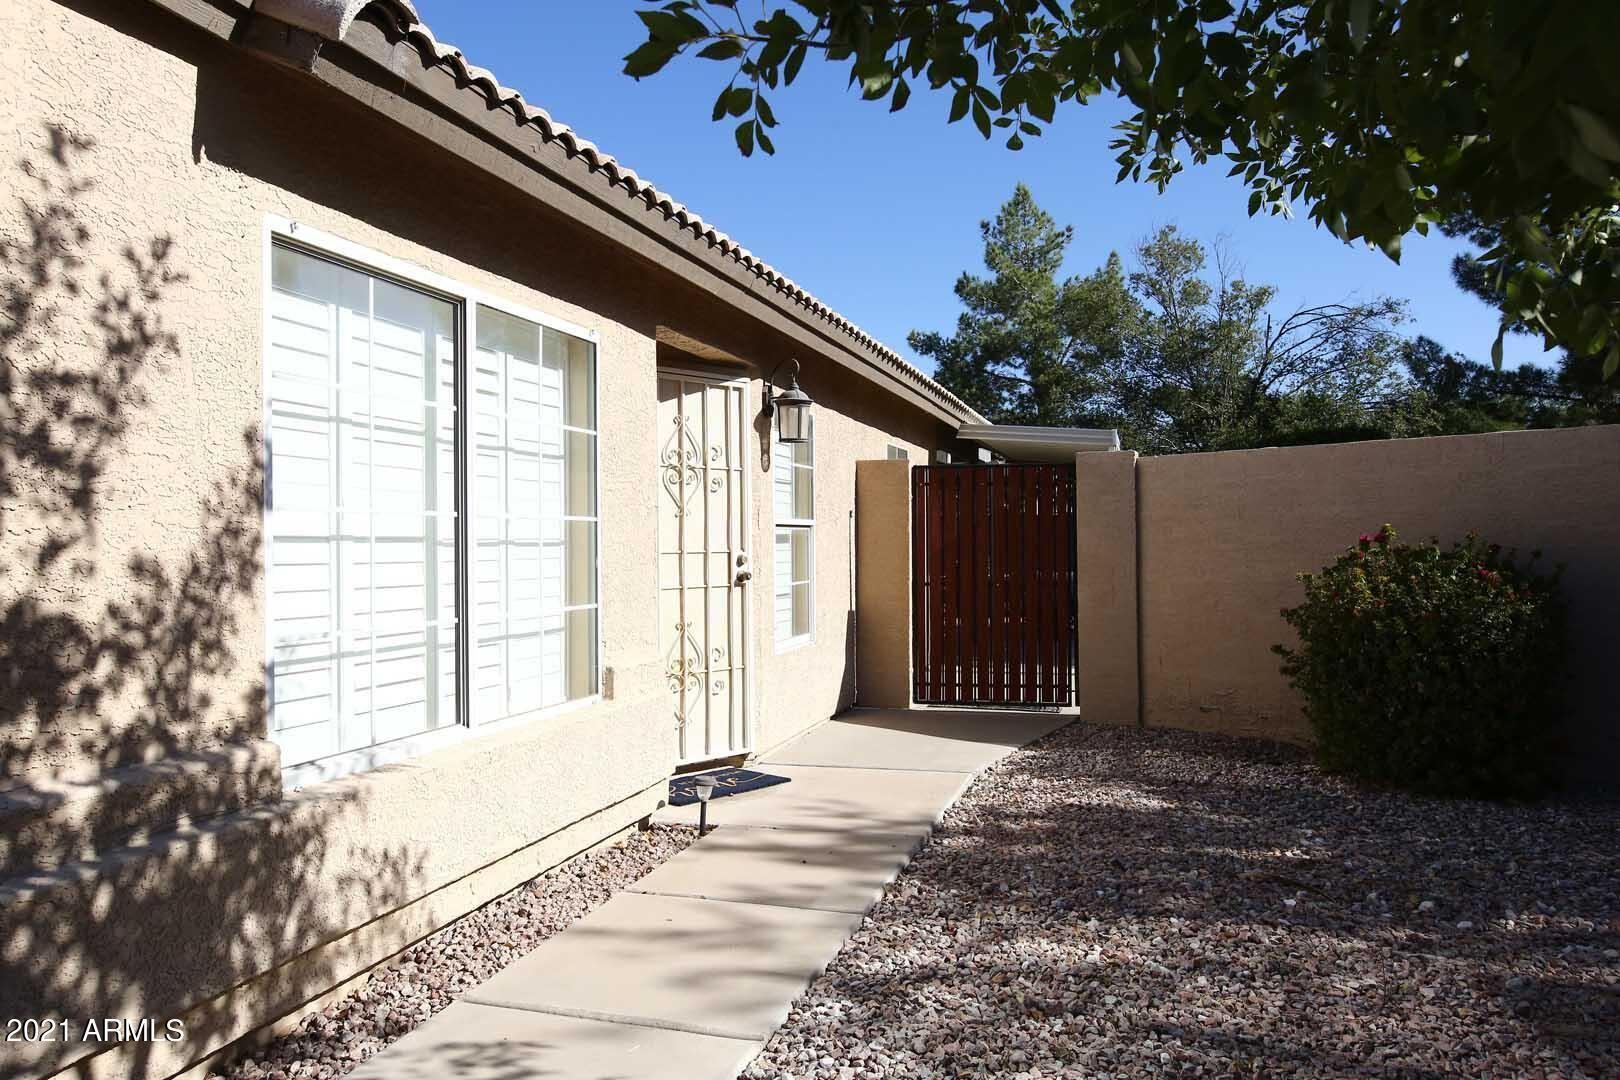 Photo of 722 W GAIL Court, Gilbert, AZ 85233 (MLS # 6307697)